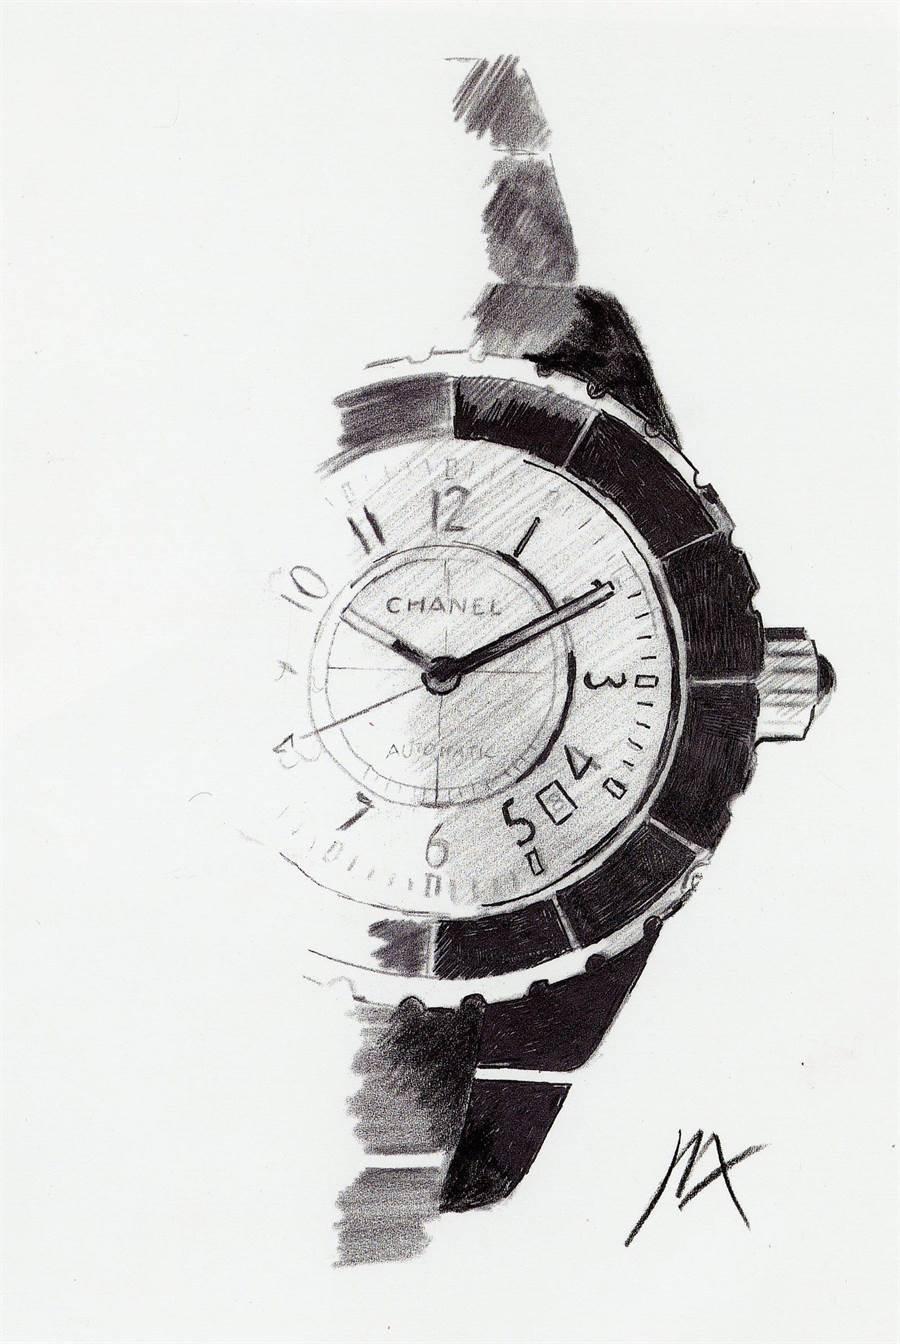 香奈兒J12誕生於2000年,此為當時的設計草圖,經典外觀歷經20年不變。(CHANAL提供)